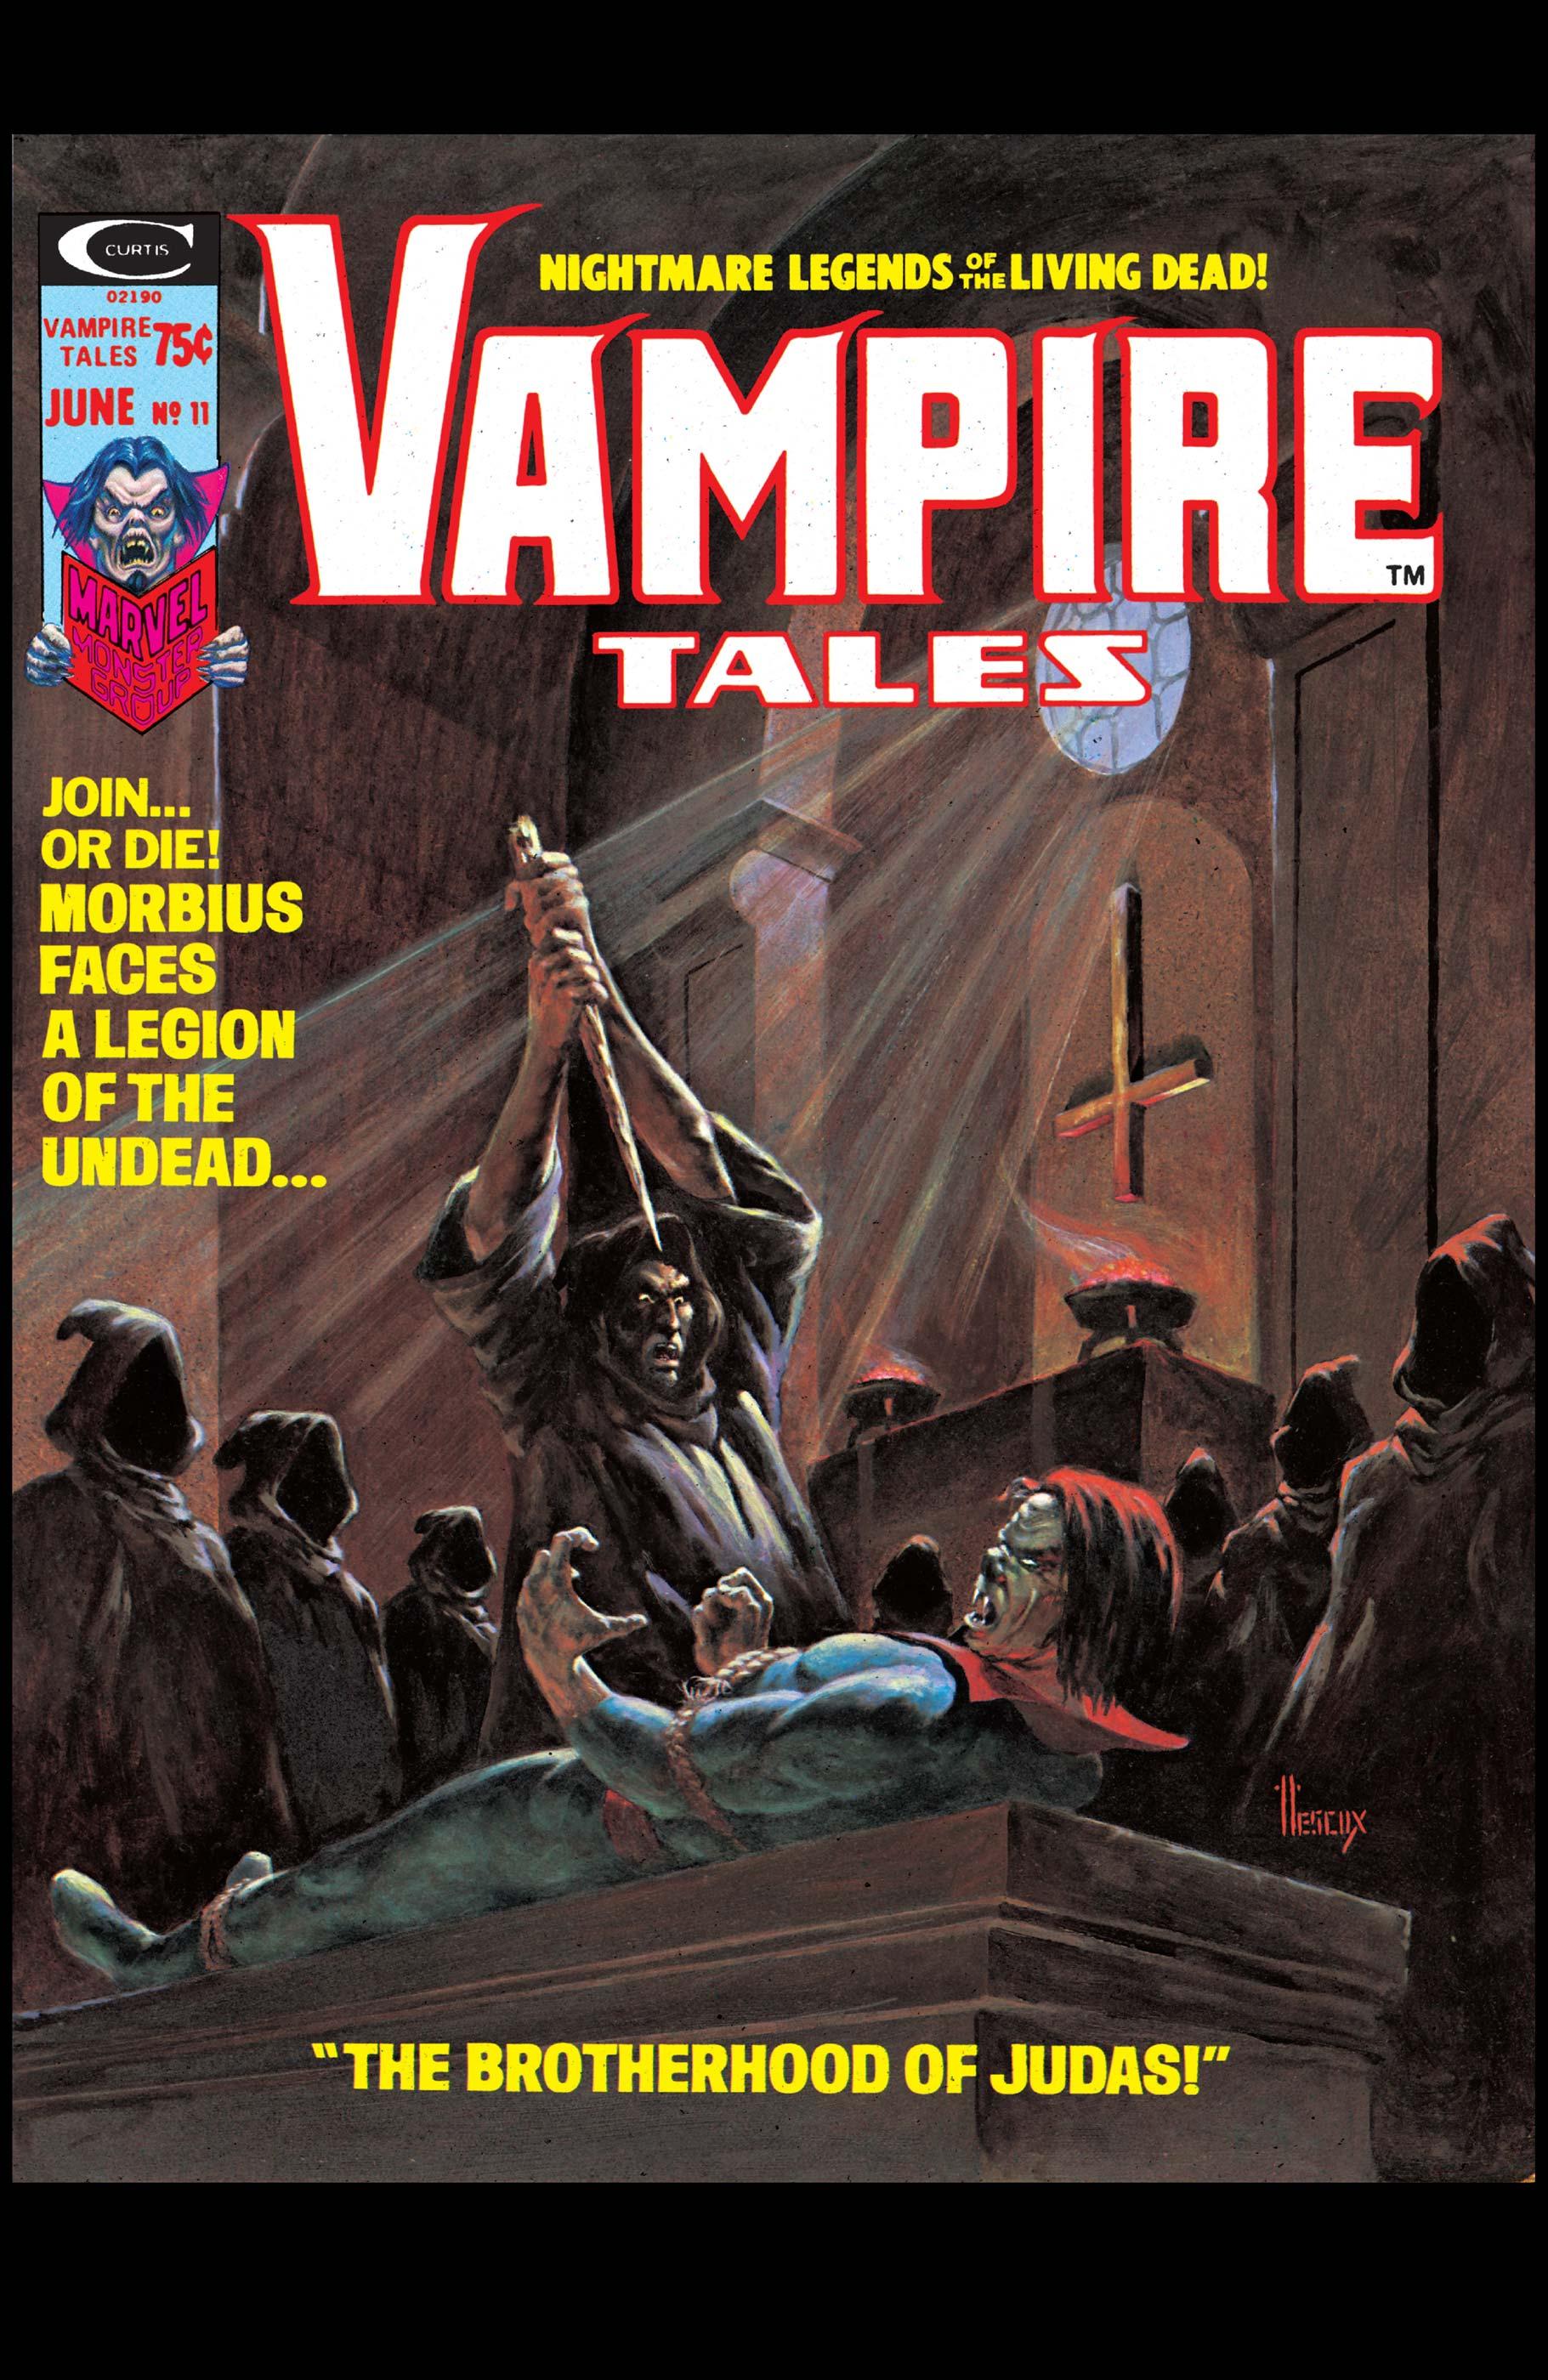 Vampire Tales (1973) #11